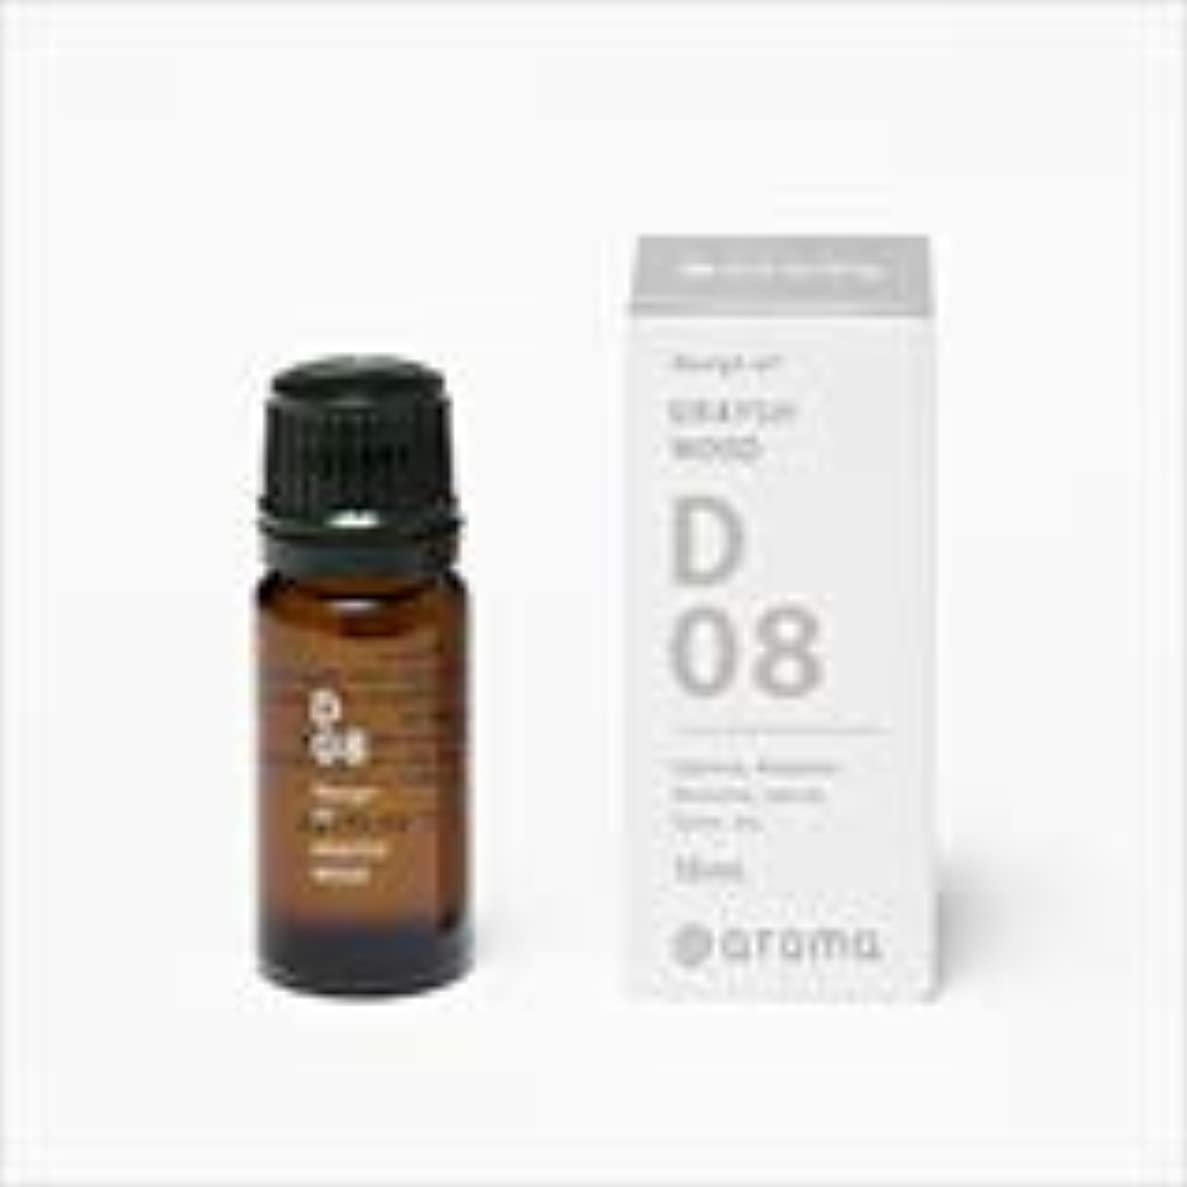 シャンパンミュートバーストアットアロマ 100%pure essential oil <Design air ルーセントパープル>